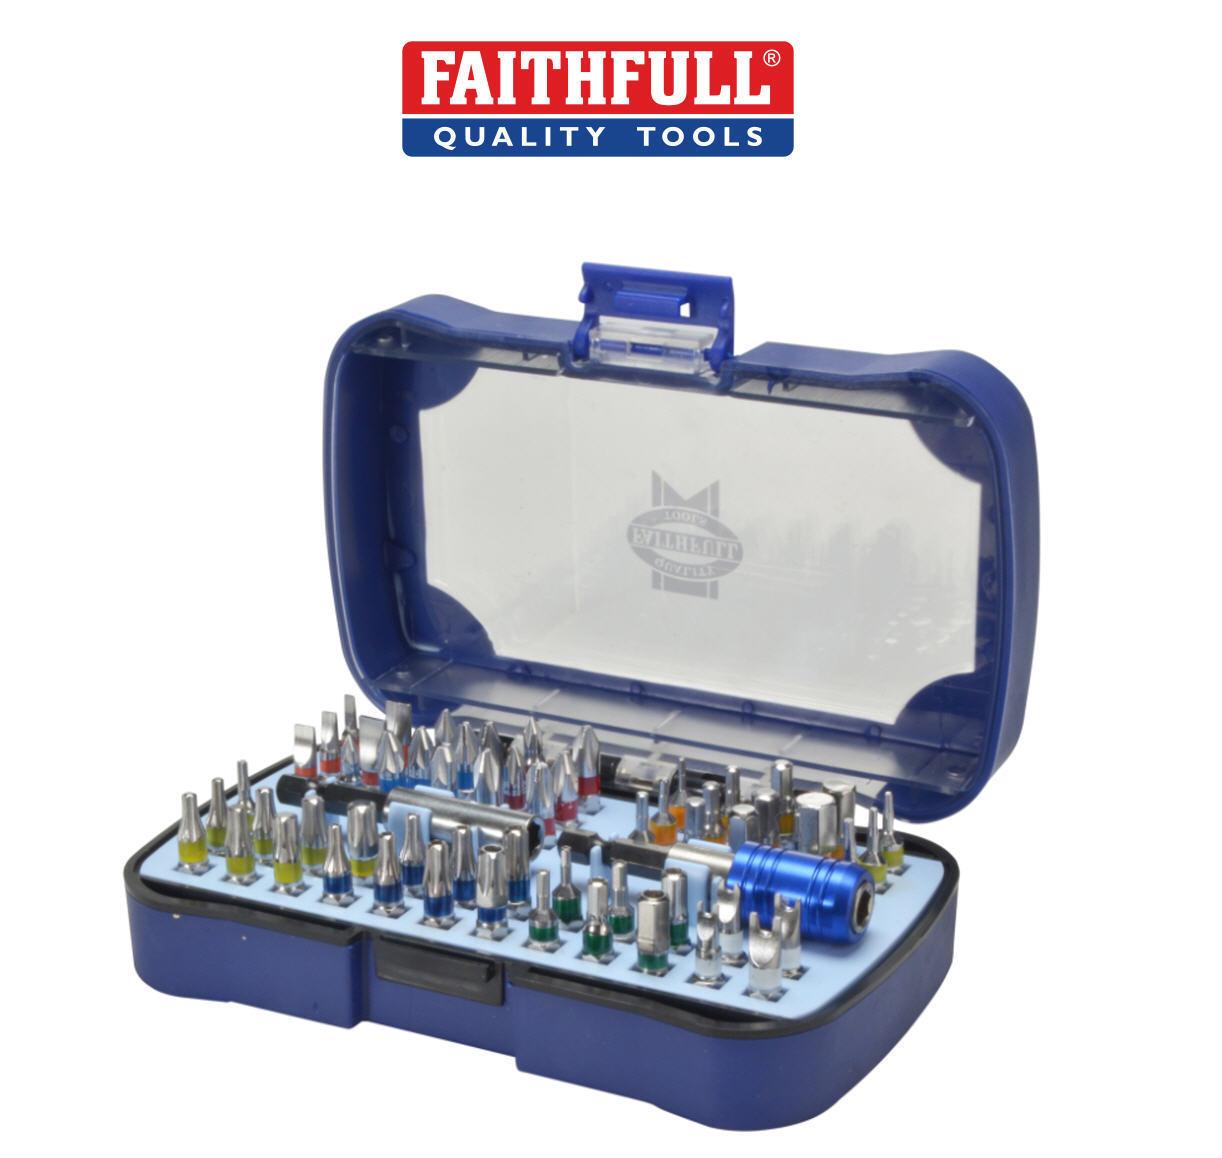 Faithfull 60 PCE sécurité résistant aux bosses Ensemble de de de tournevis bits torx , 79dcb8